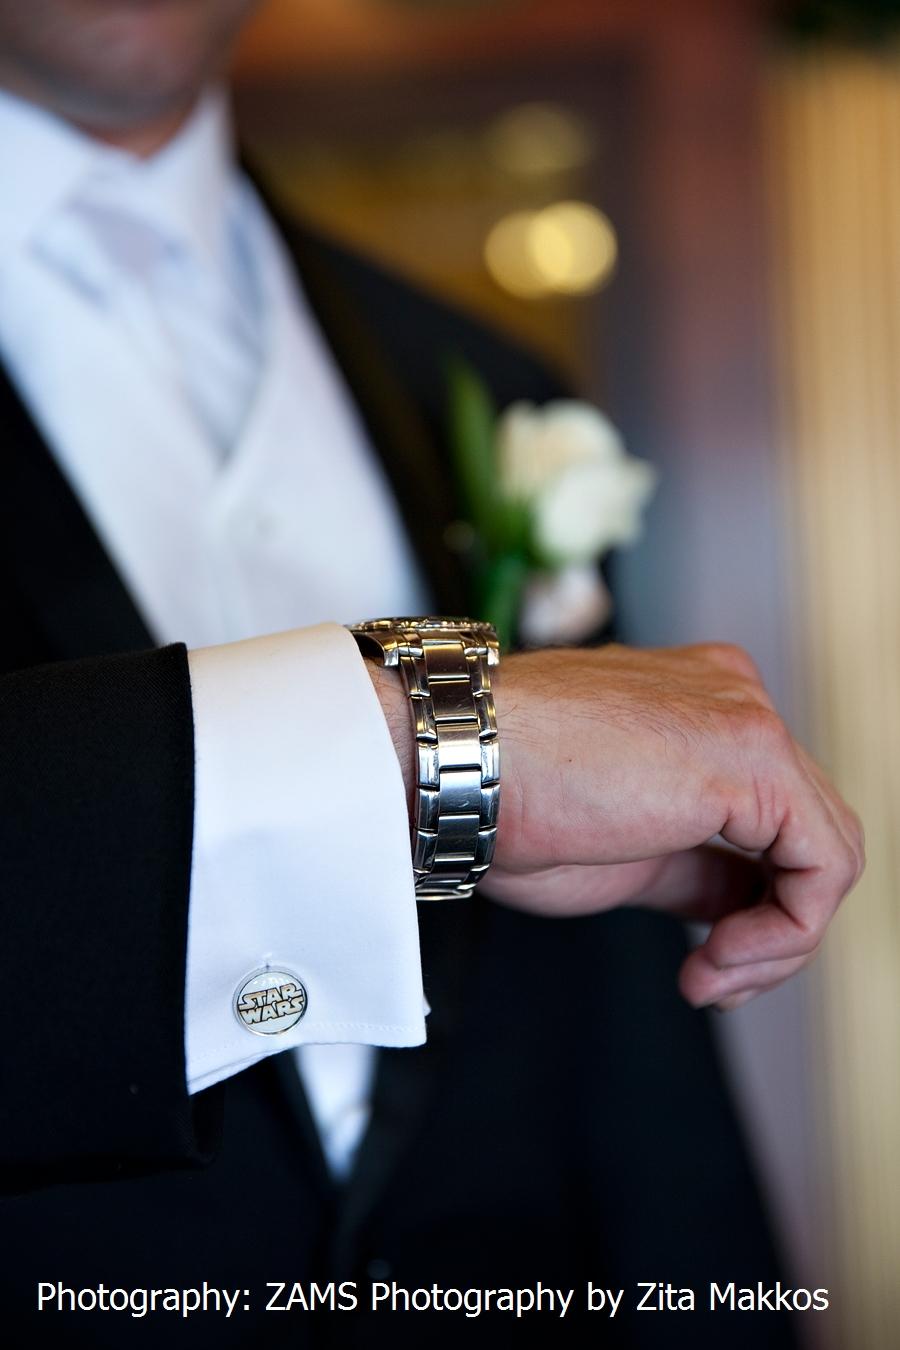 suit_up_quote_2_cuff_links_men_wedding_groomsmen_gift_cufflinks_2.jpg